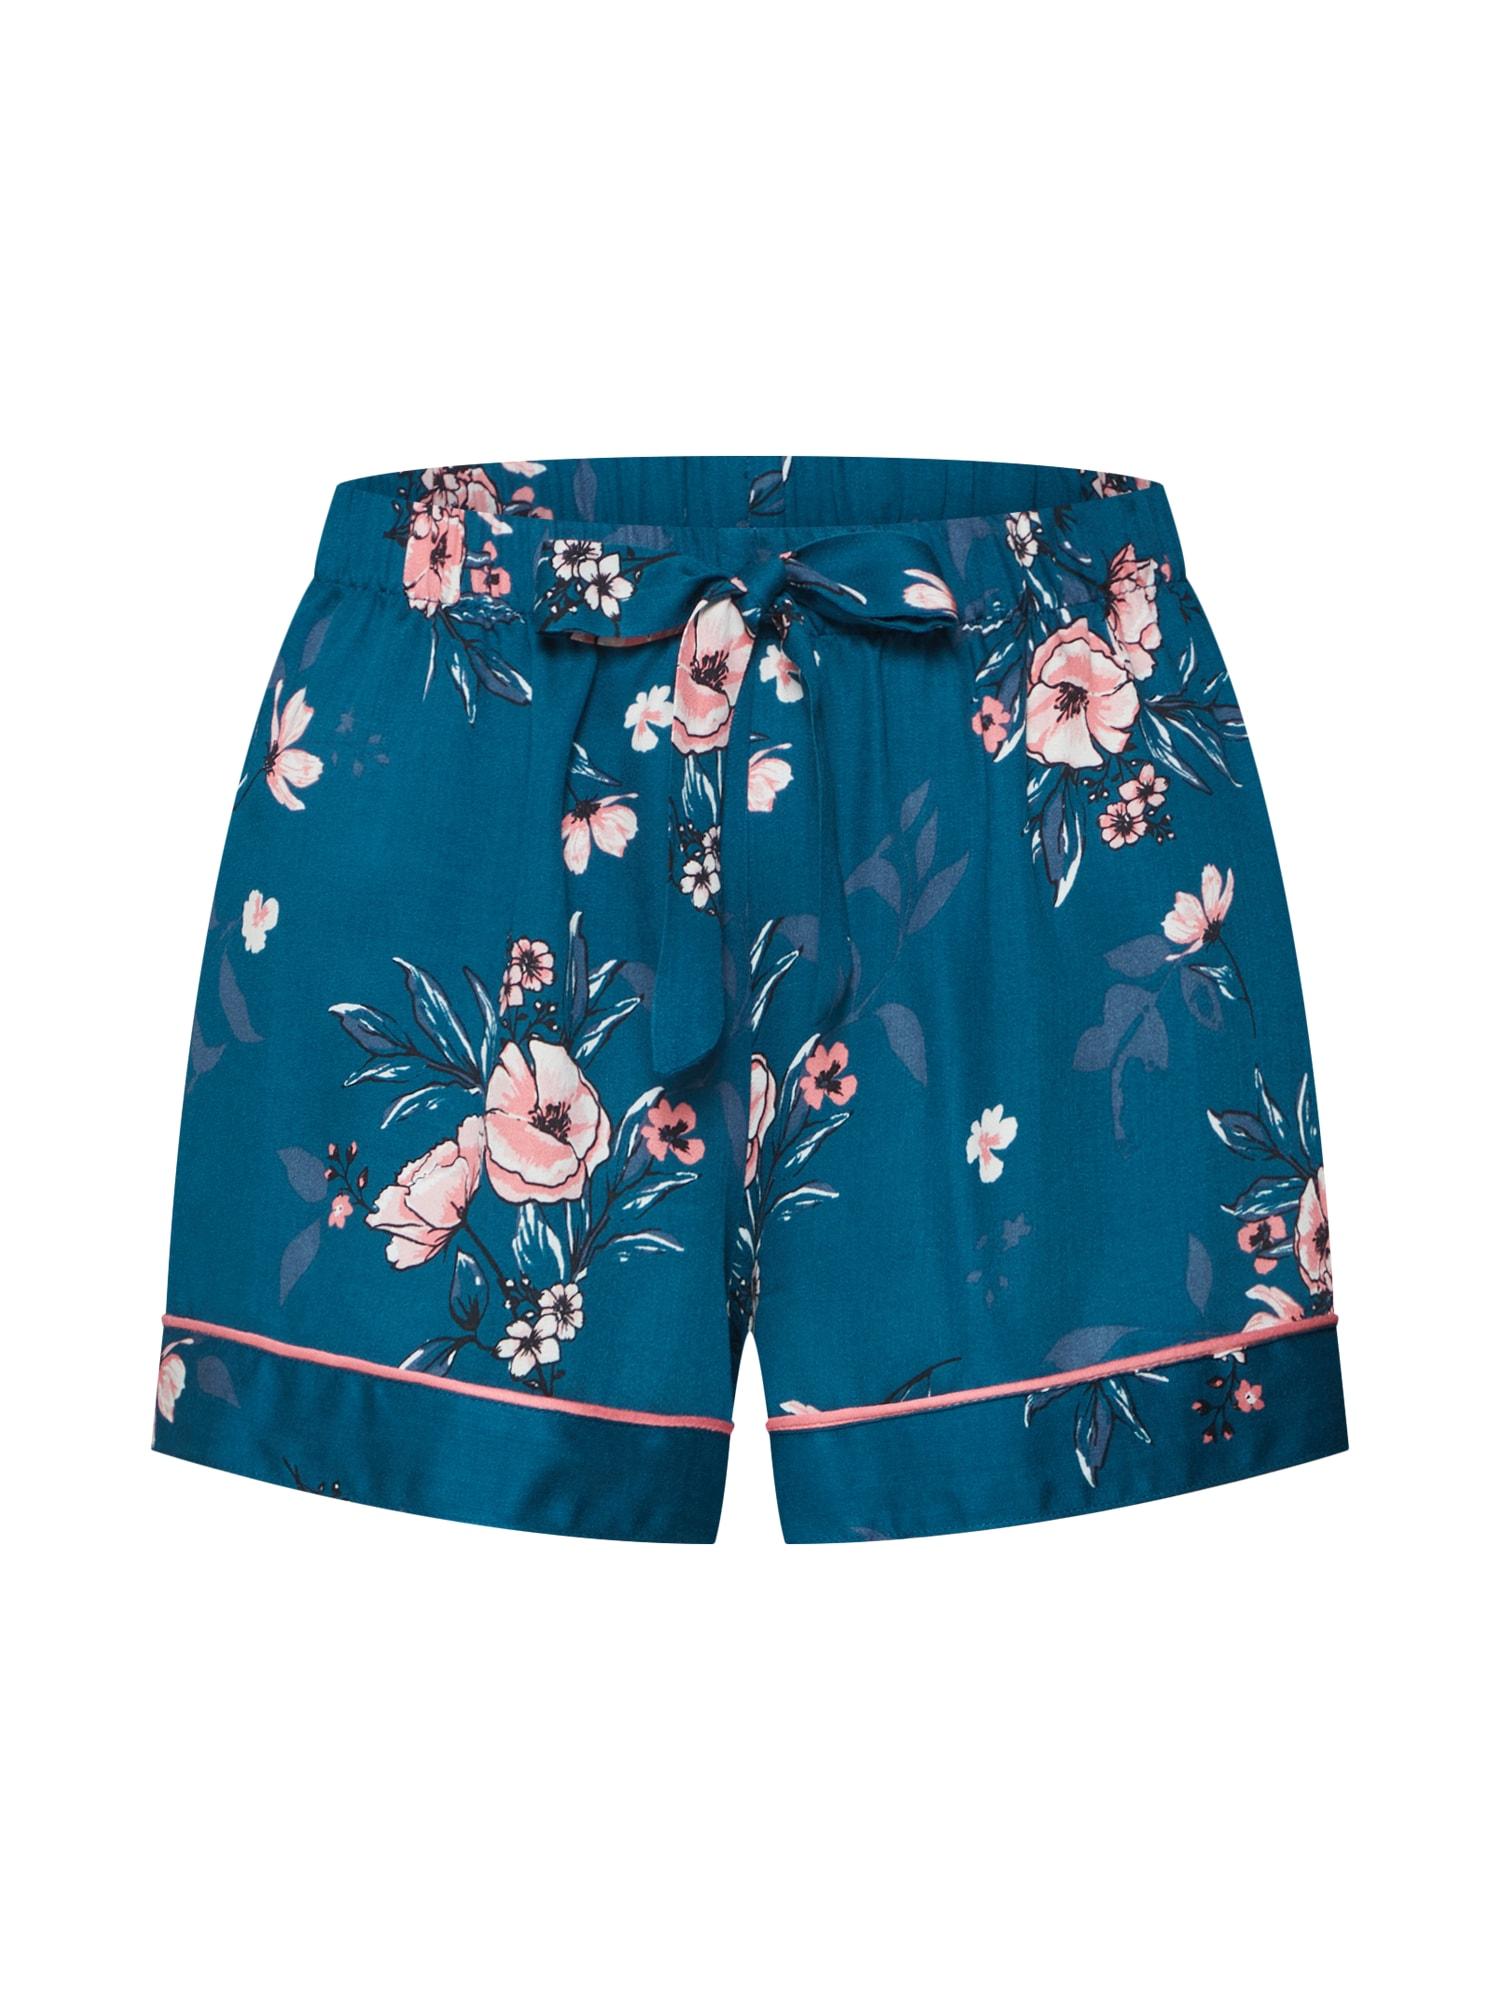 Pyžamové kalhoty Woven Rose modrá Hunkemöller